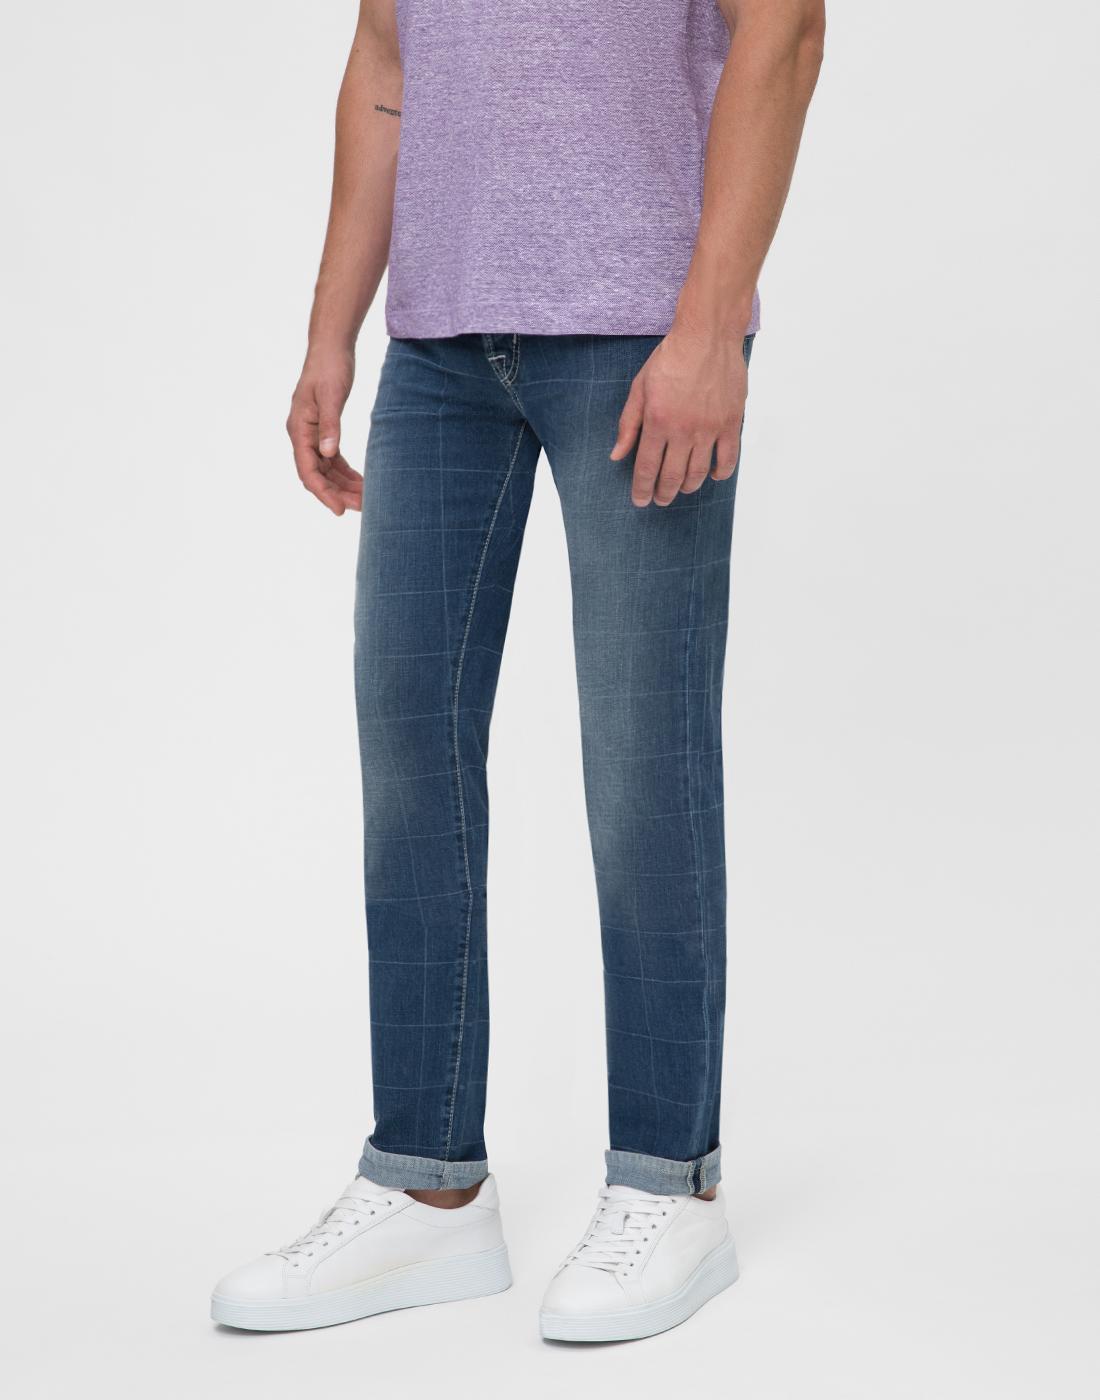 Мужские синие джинсы Leonardo Tramarossa SD361 L2-3